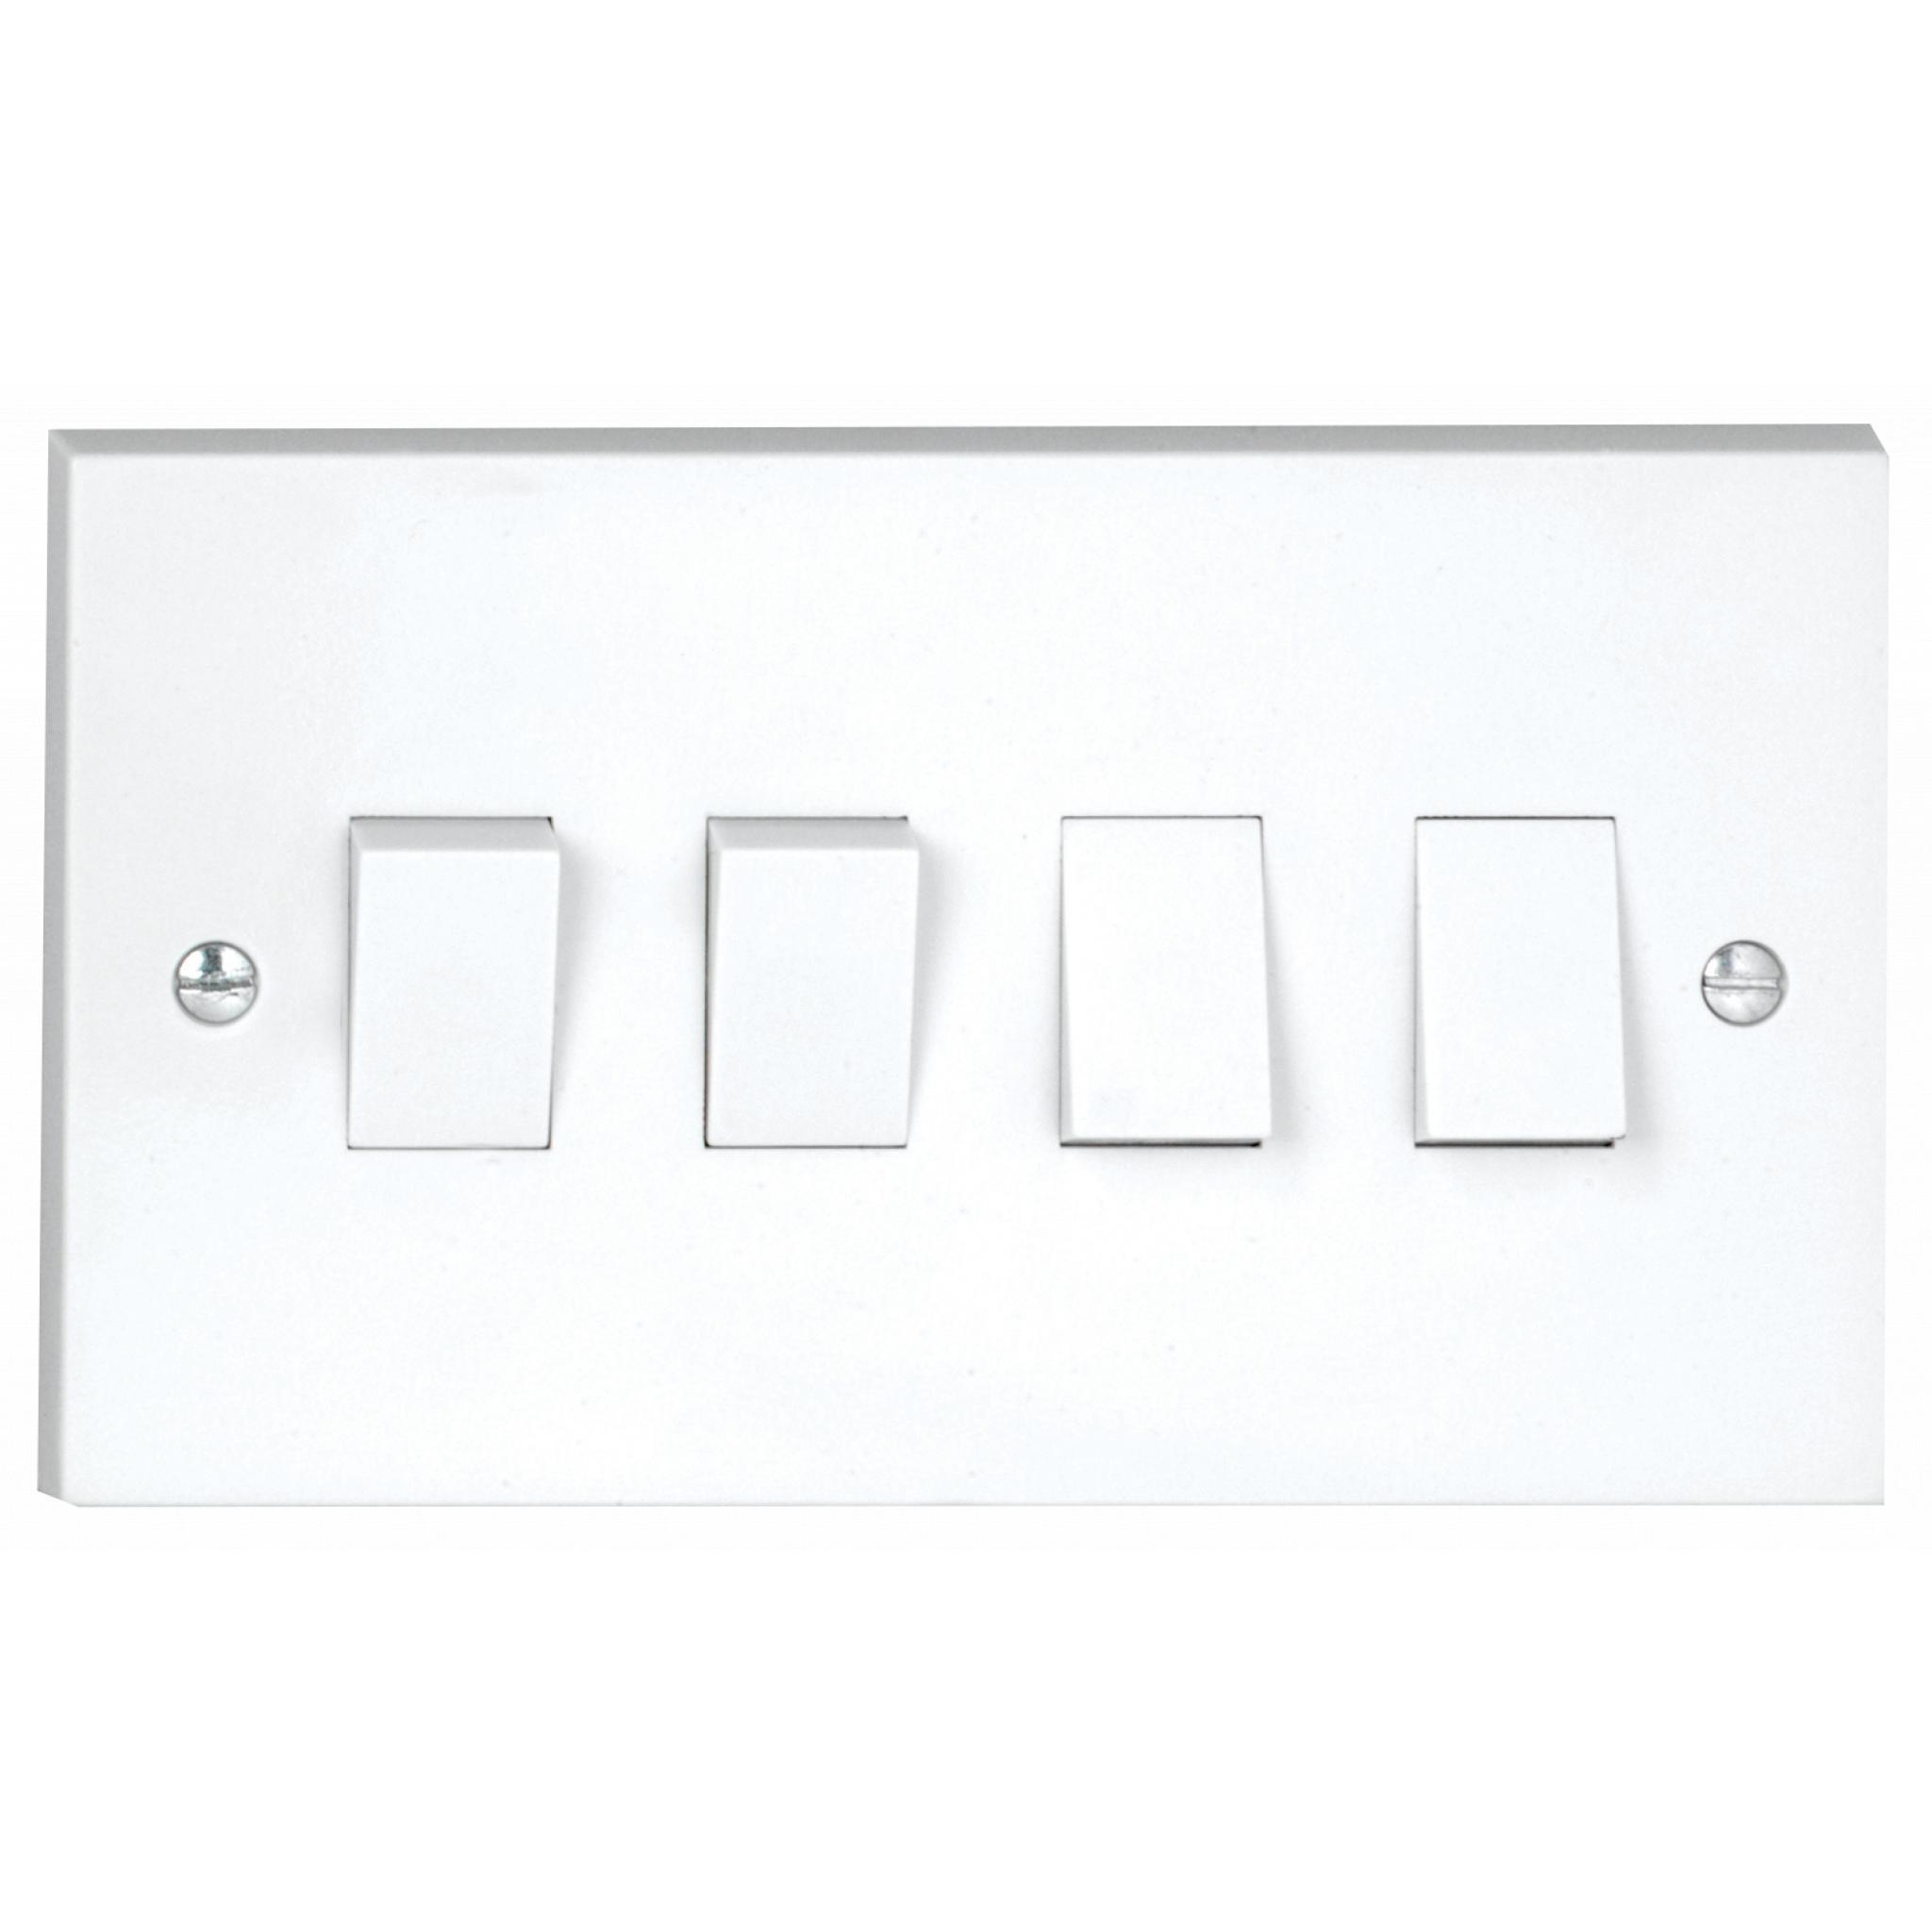 10A 4G 2W Switch